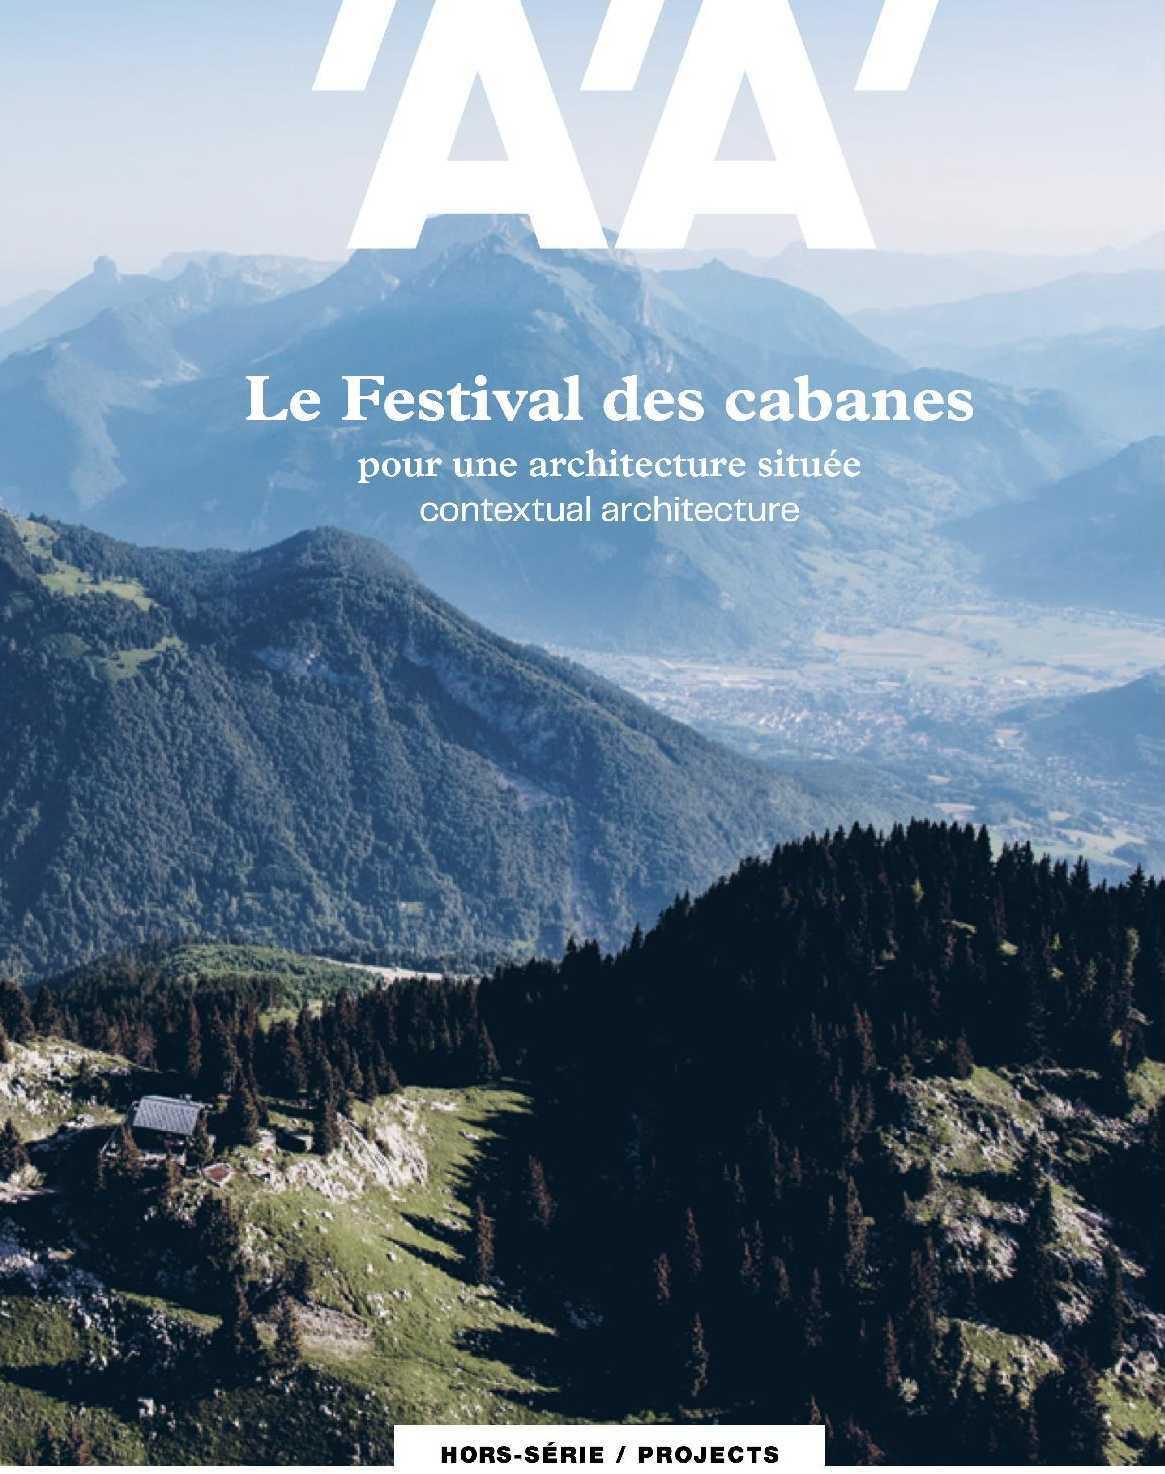 L'ARCHITECTURE D'AUJOURD'HUI HS FESTIVAL DES CABANES - PRINTEMPS 2020